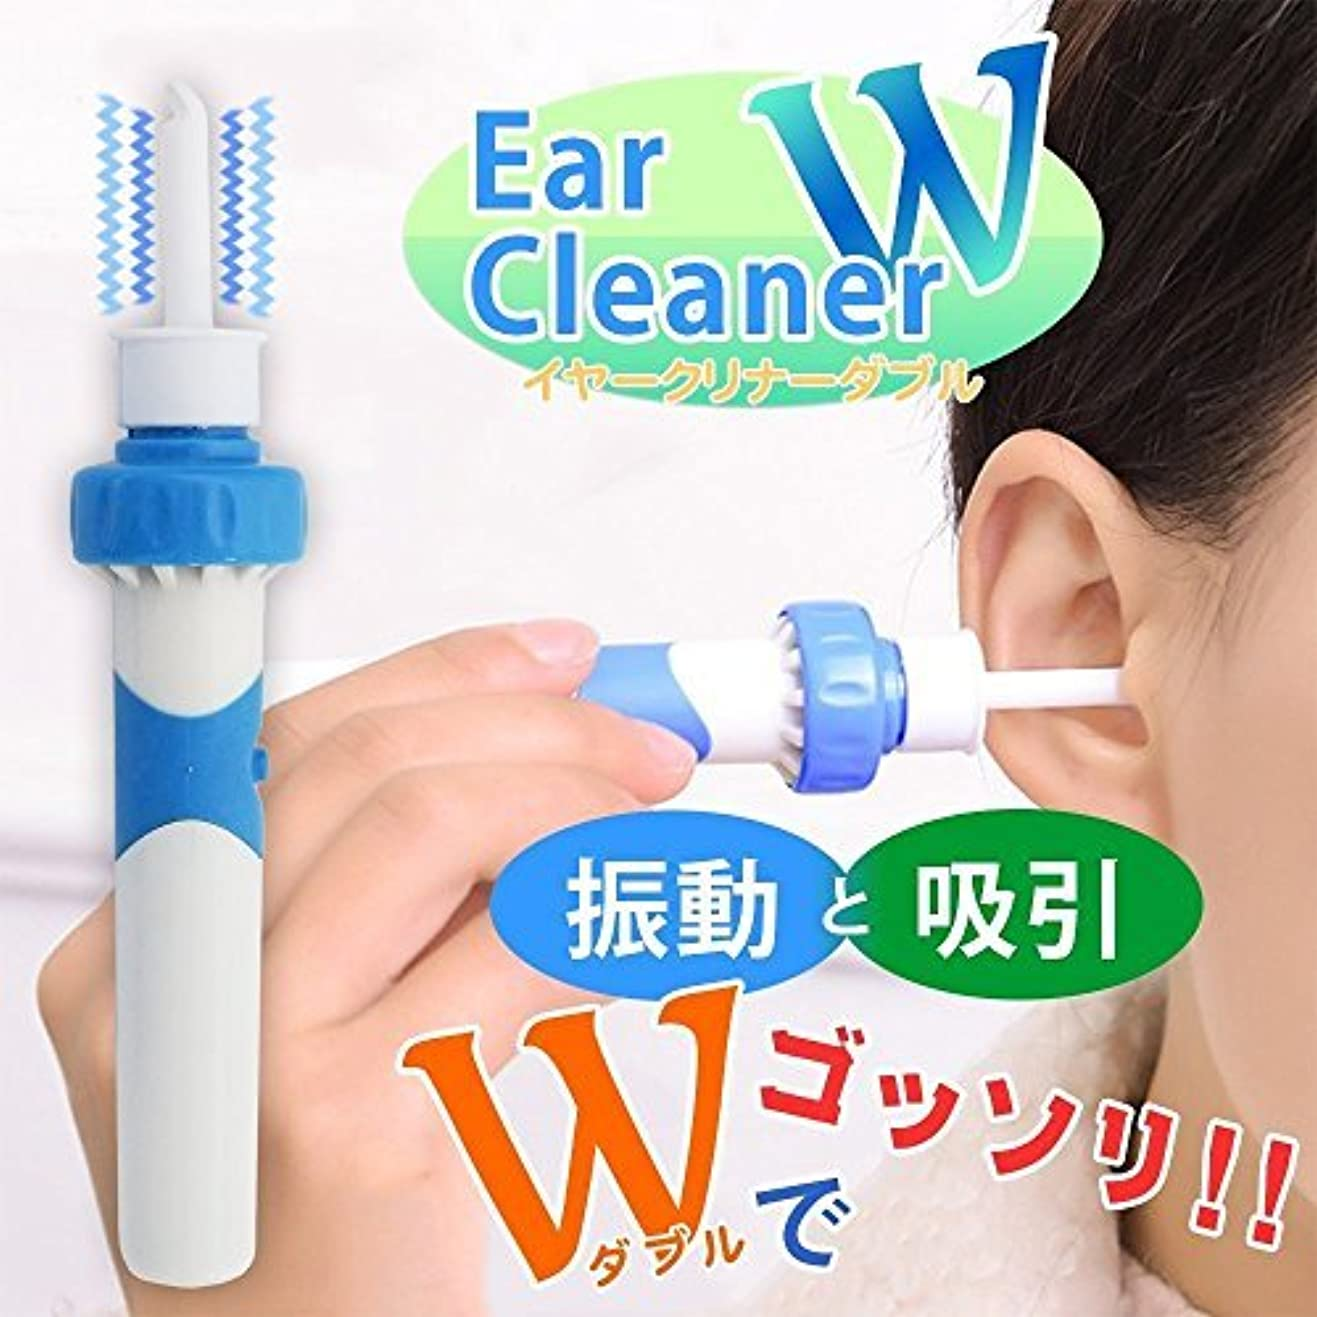 賛美歌宇宙飛行士不良品CHUI FEN 耳掃除機 電動耳掃除 耳クリーナー 耳掃除 みみそうじ 耳垢 吸引 耳あか吸引